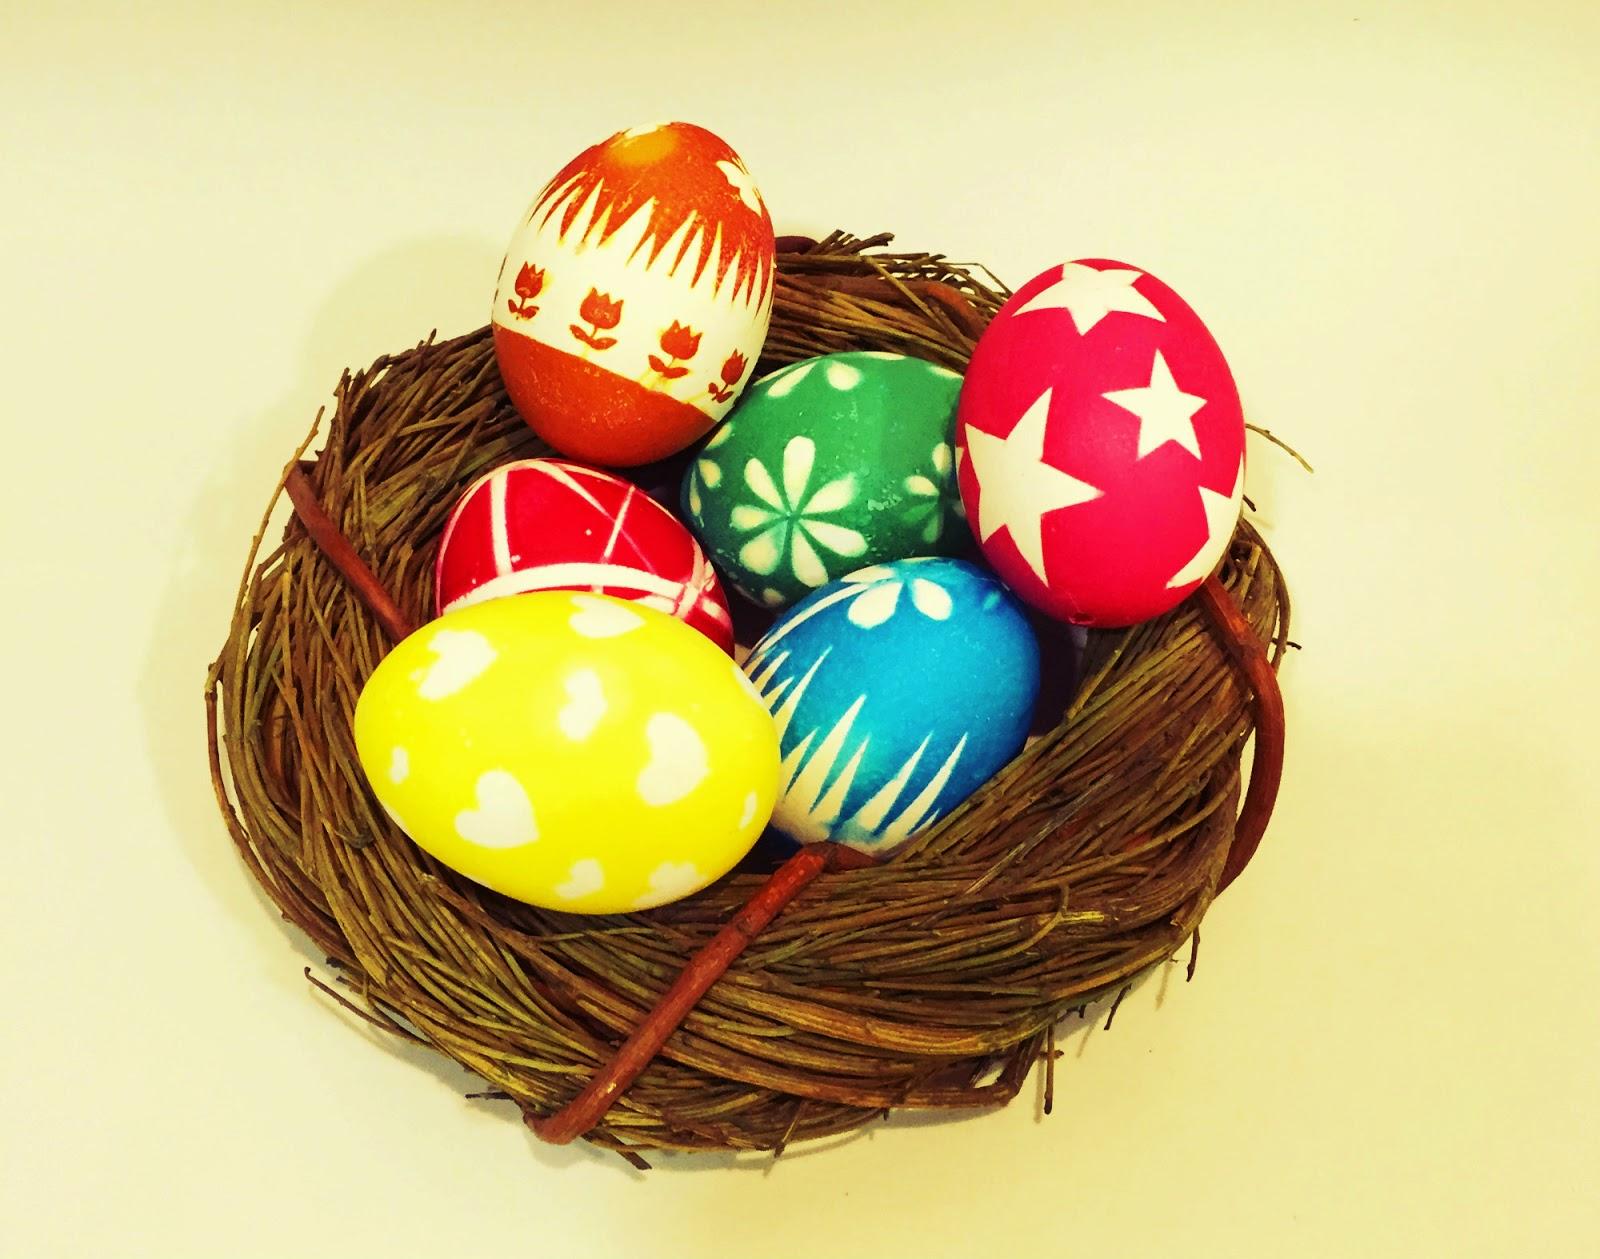 Tengo m s de 40 y qu decorar huevos de pascua parte 1 for Huevo en el ano